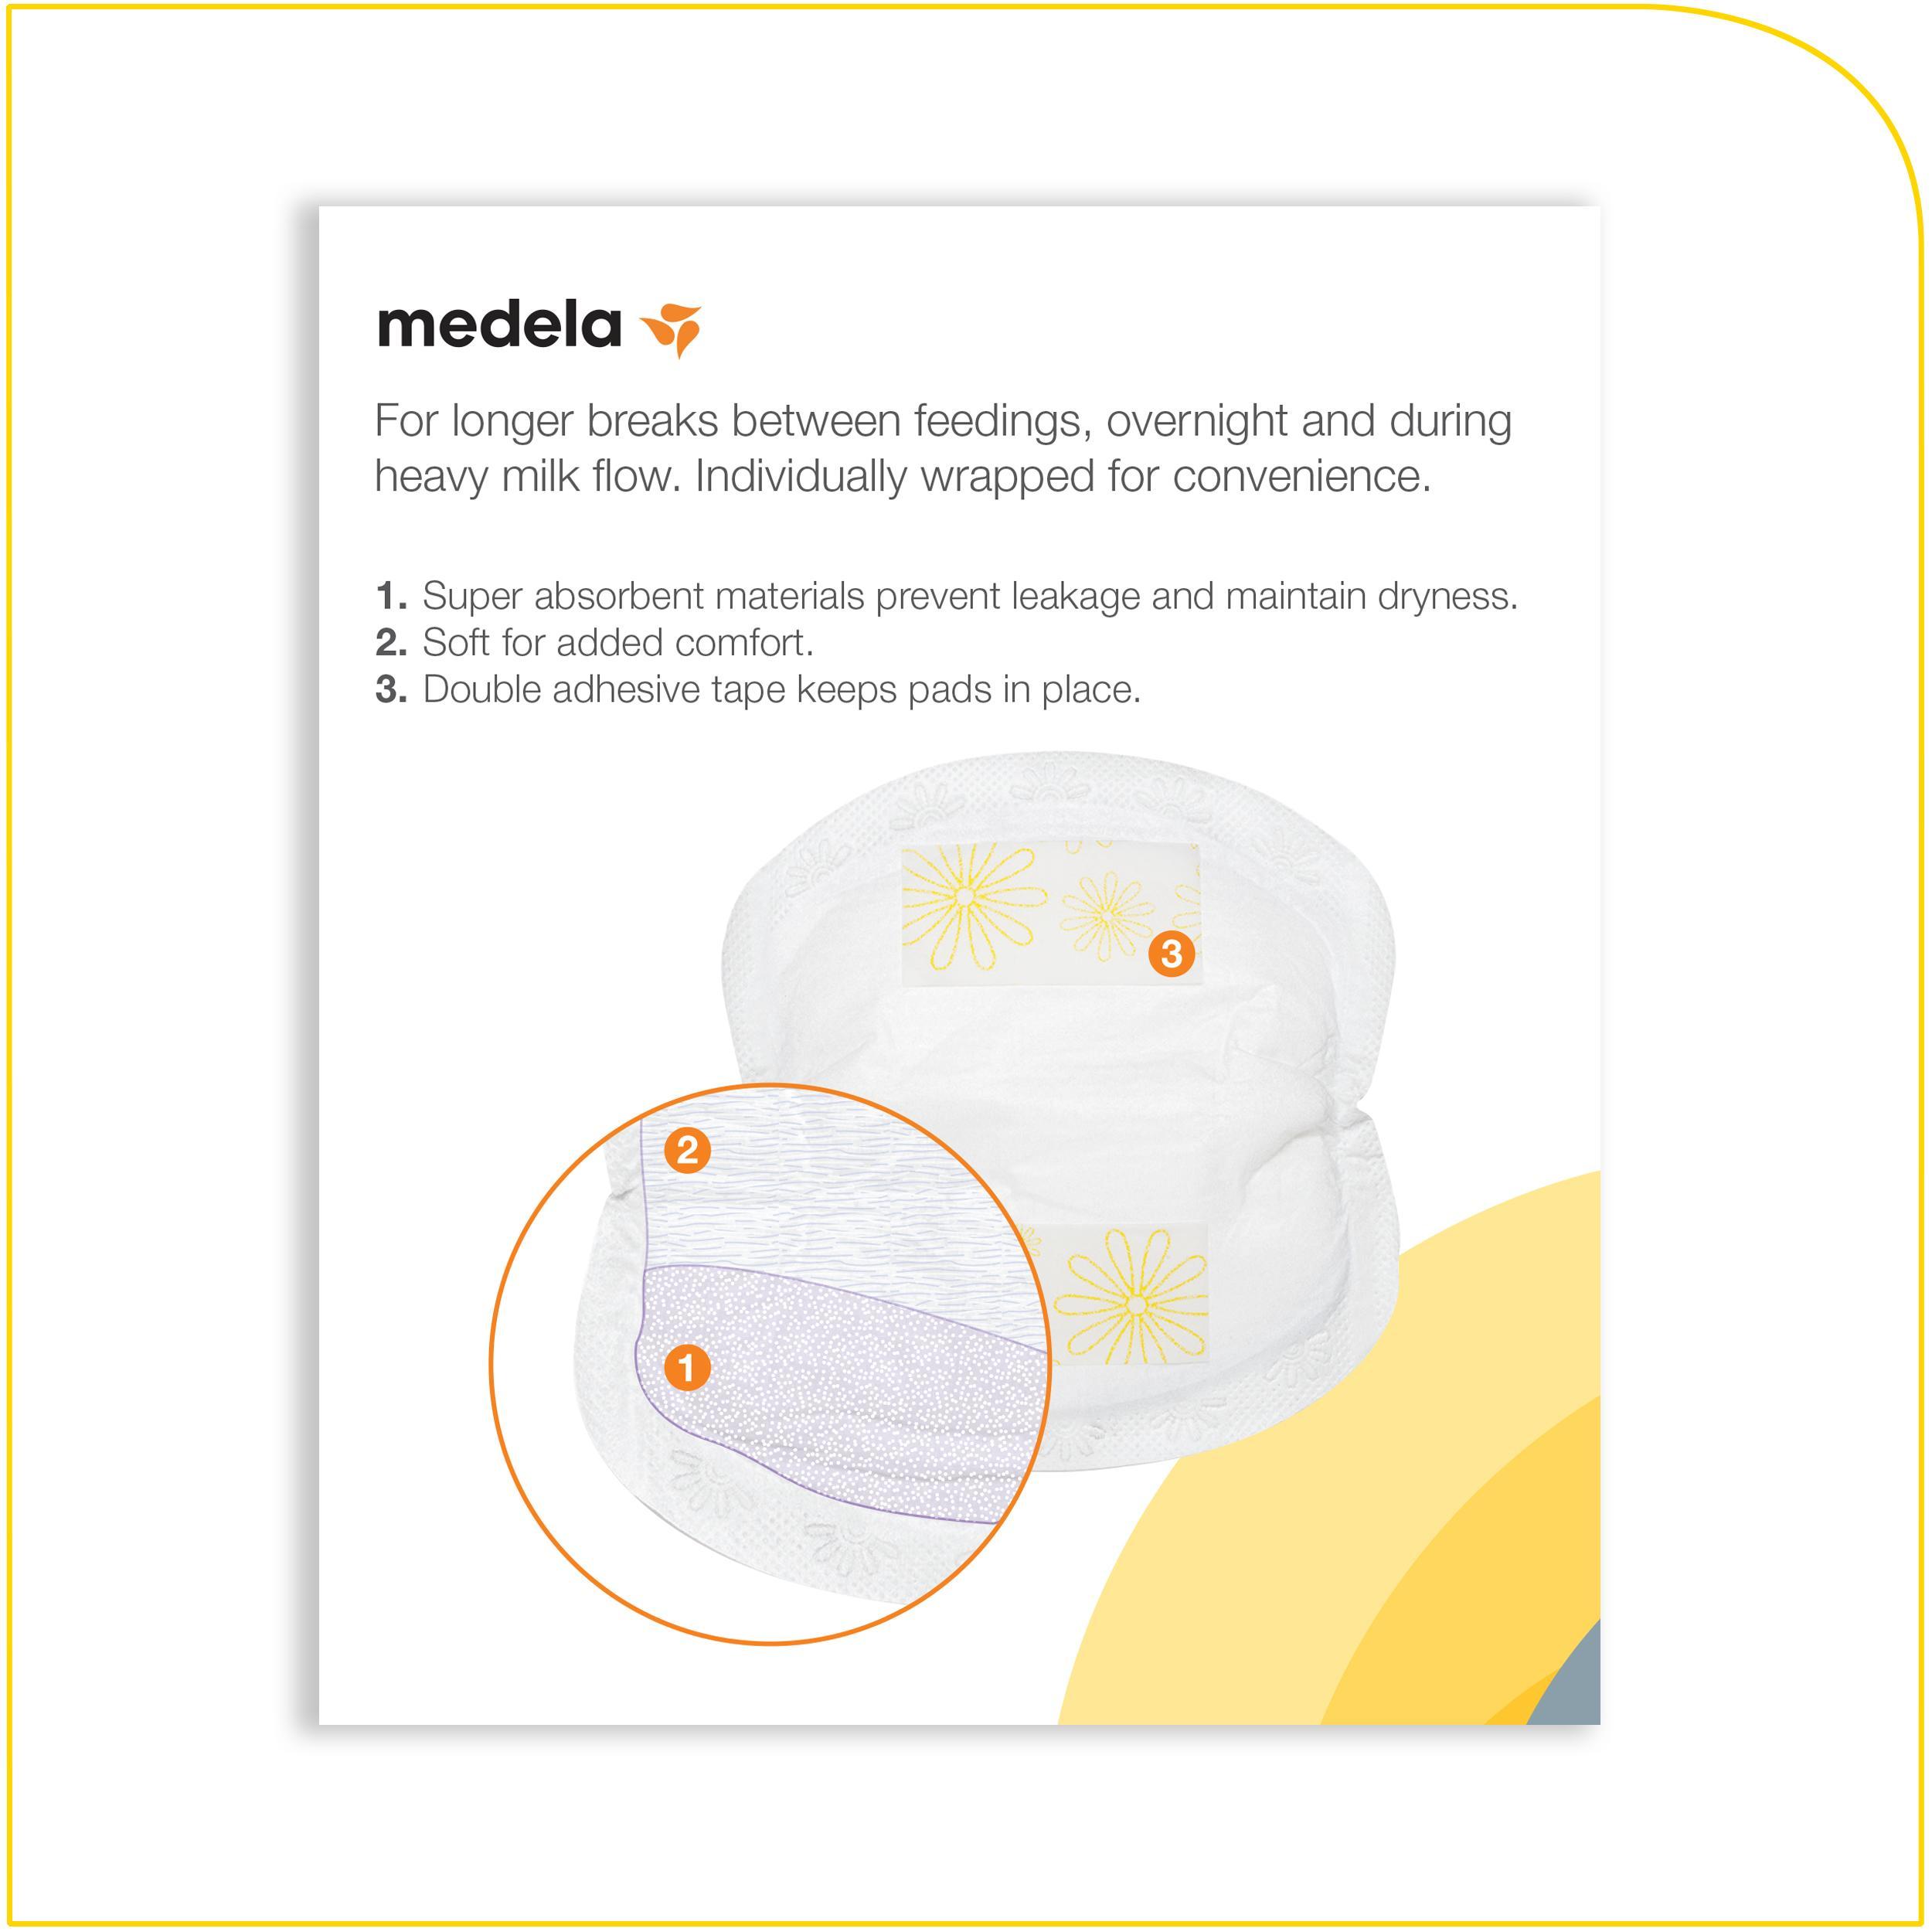 Medela nursing bra coupons